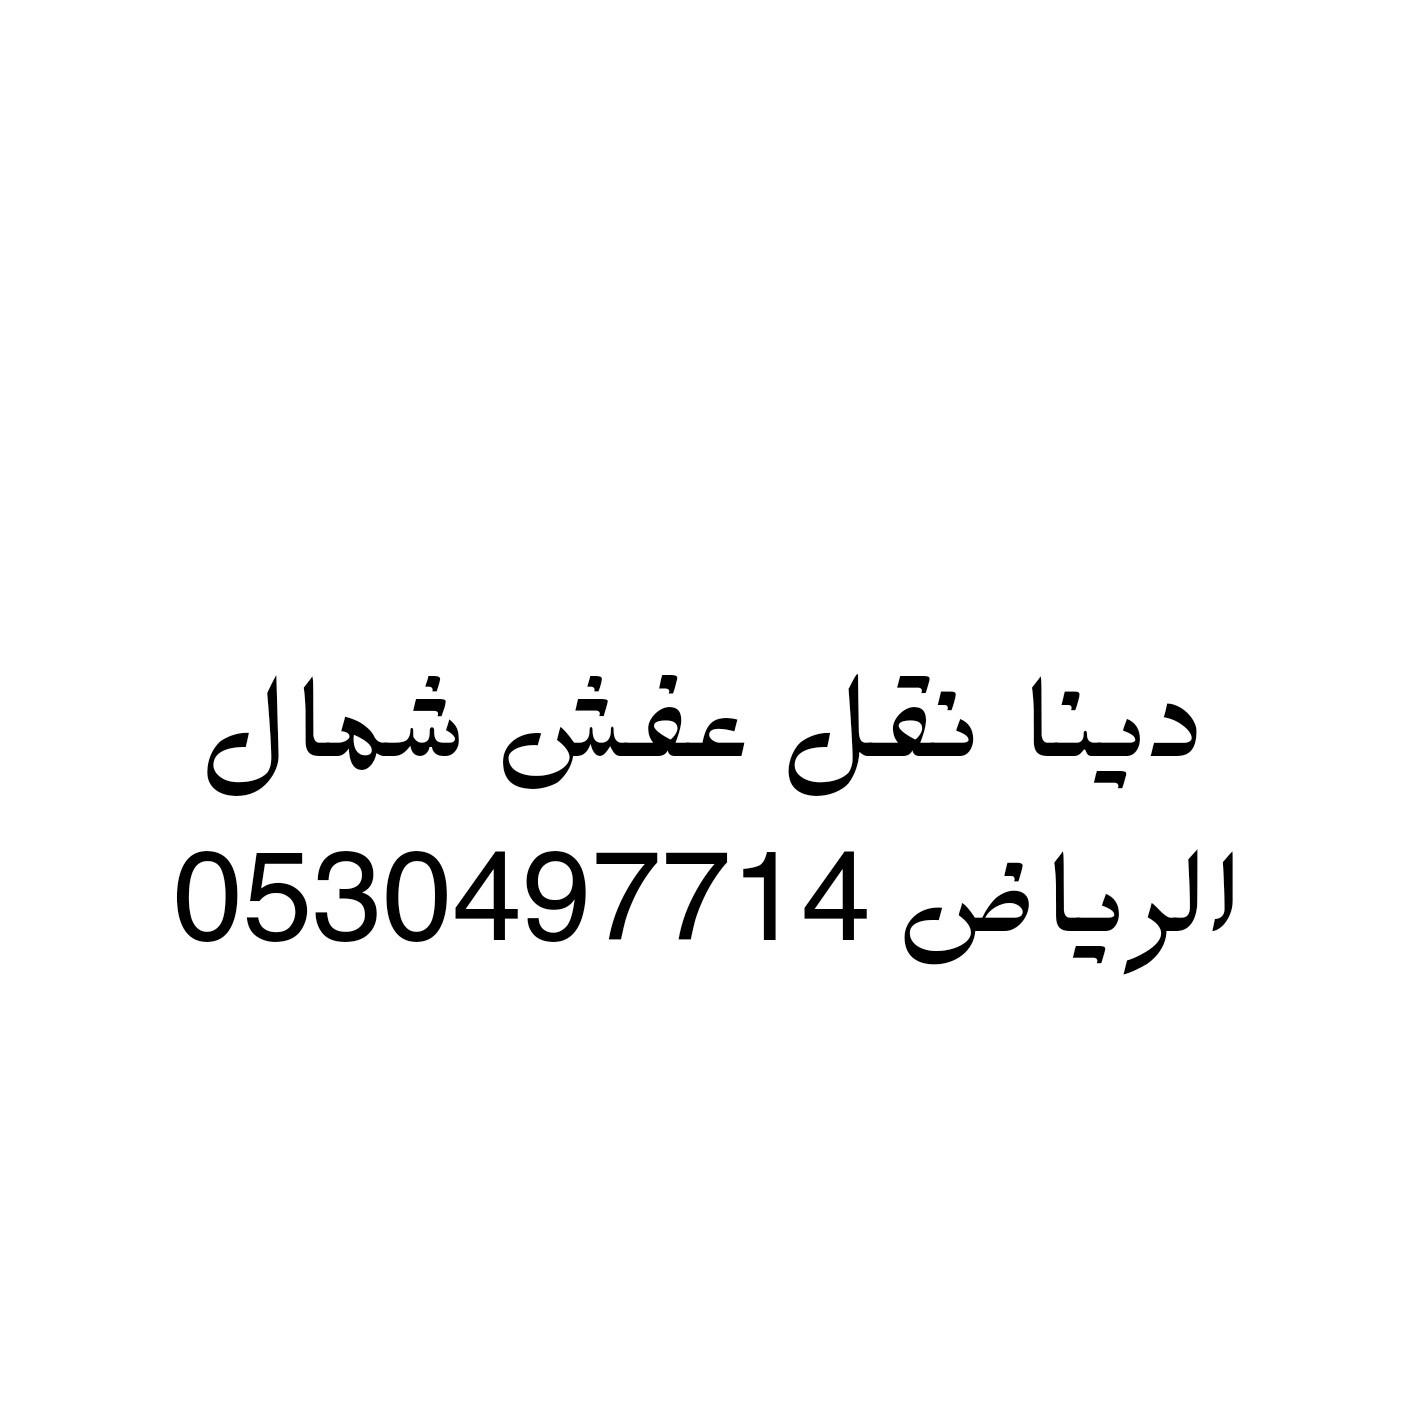 شراء اثاث مستعمل حي الخليج 0530497714